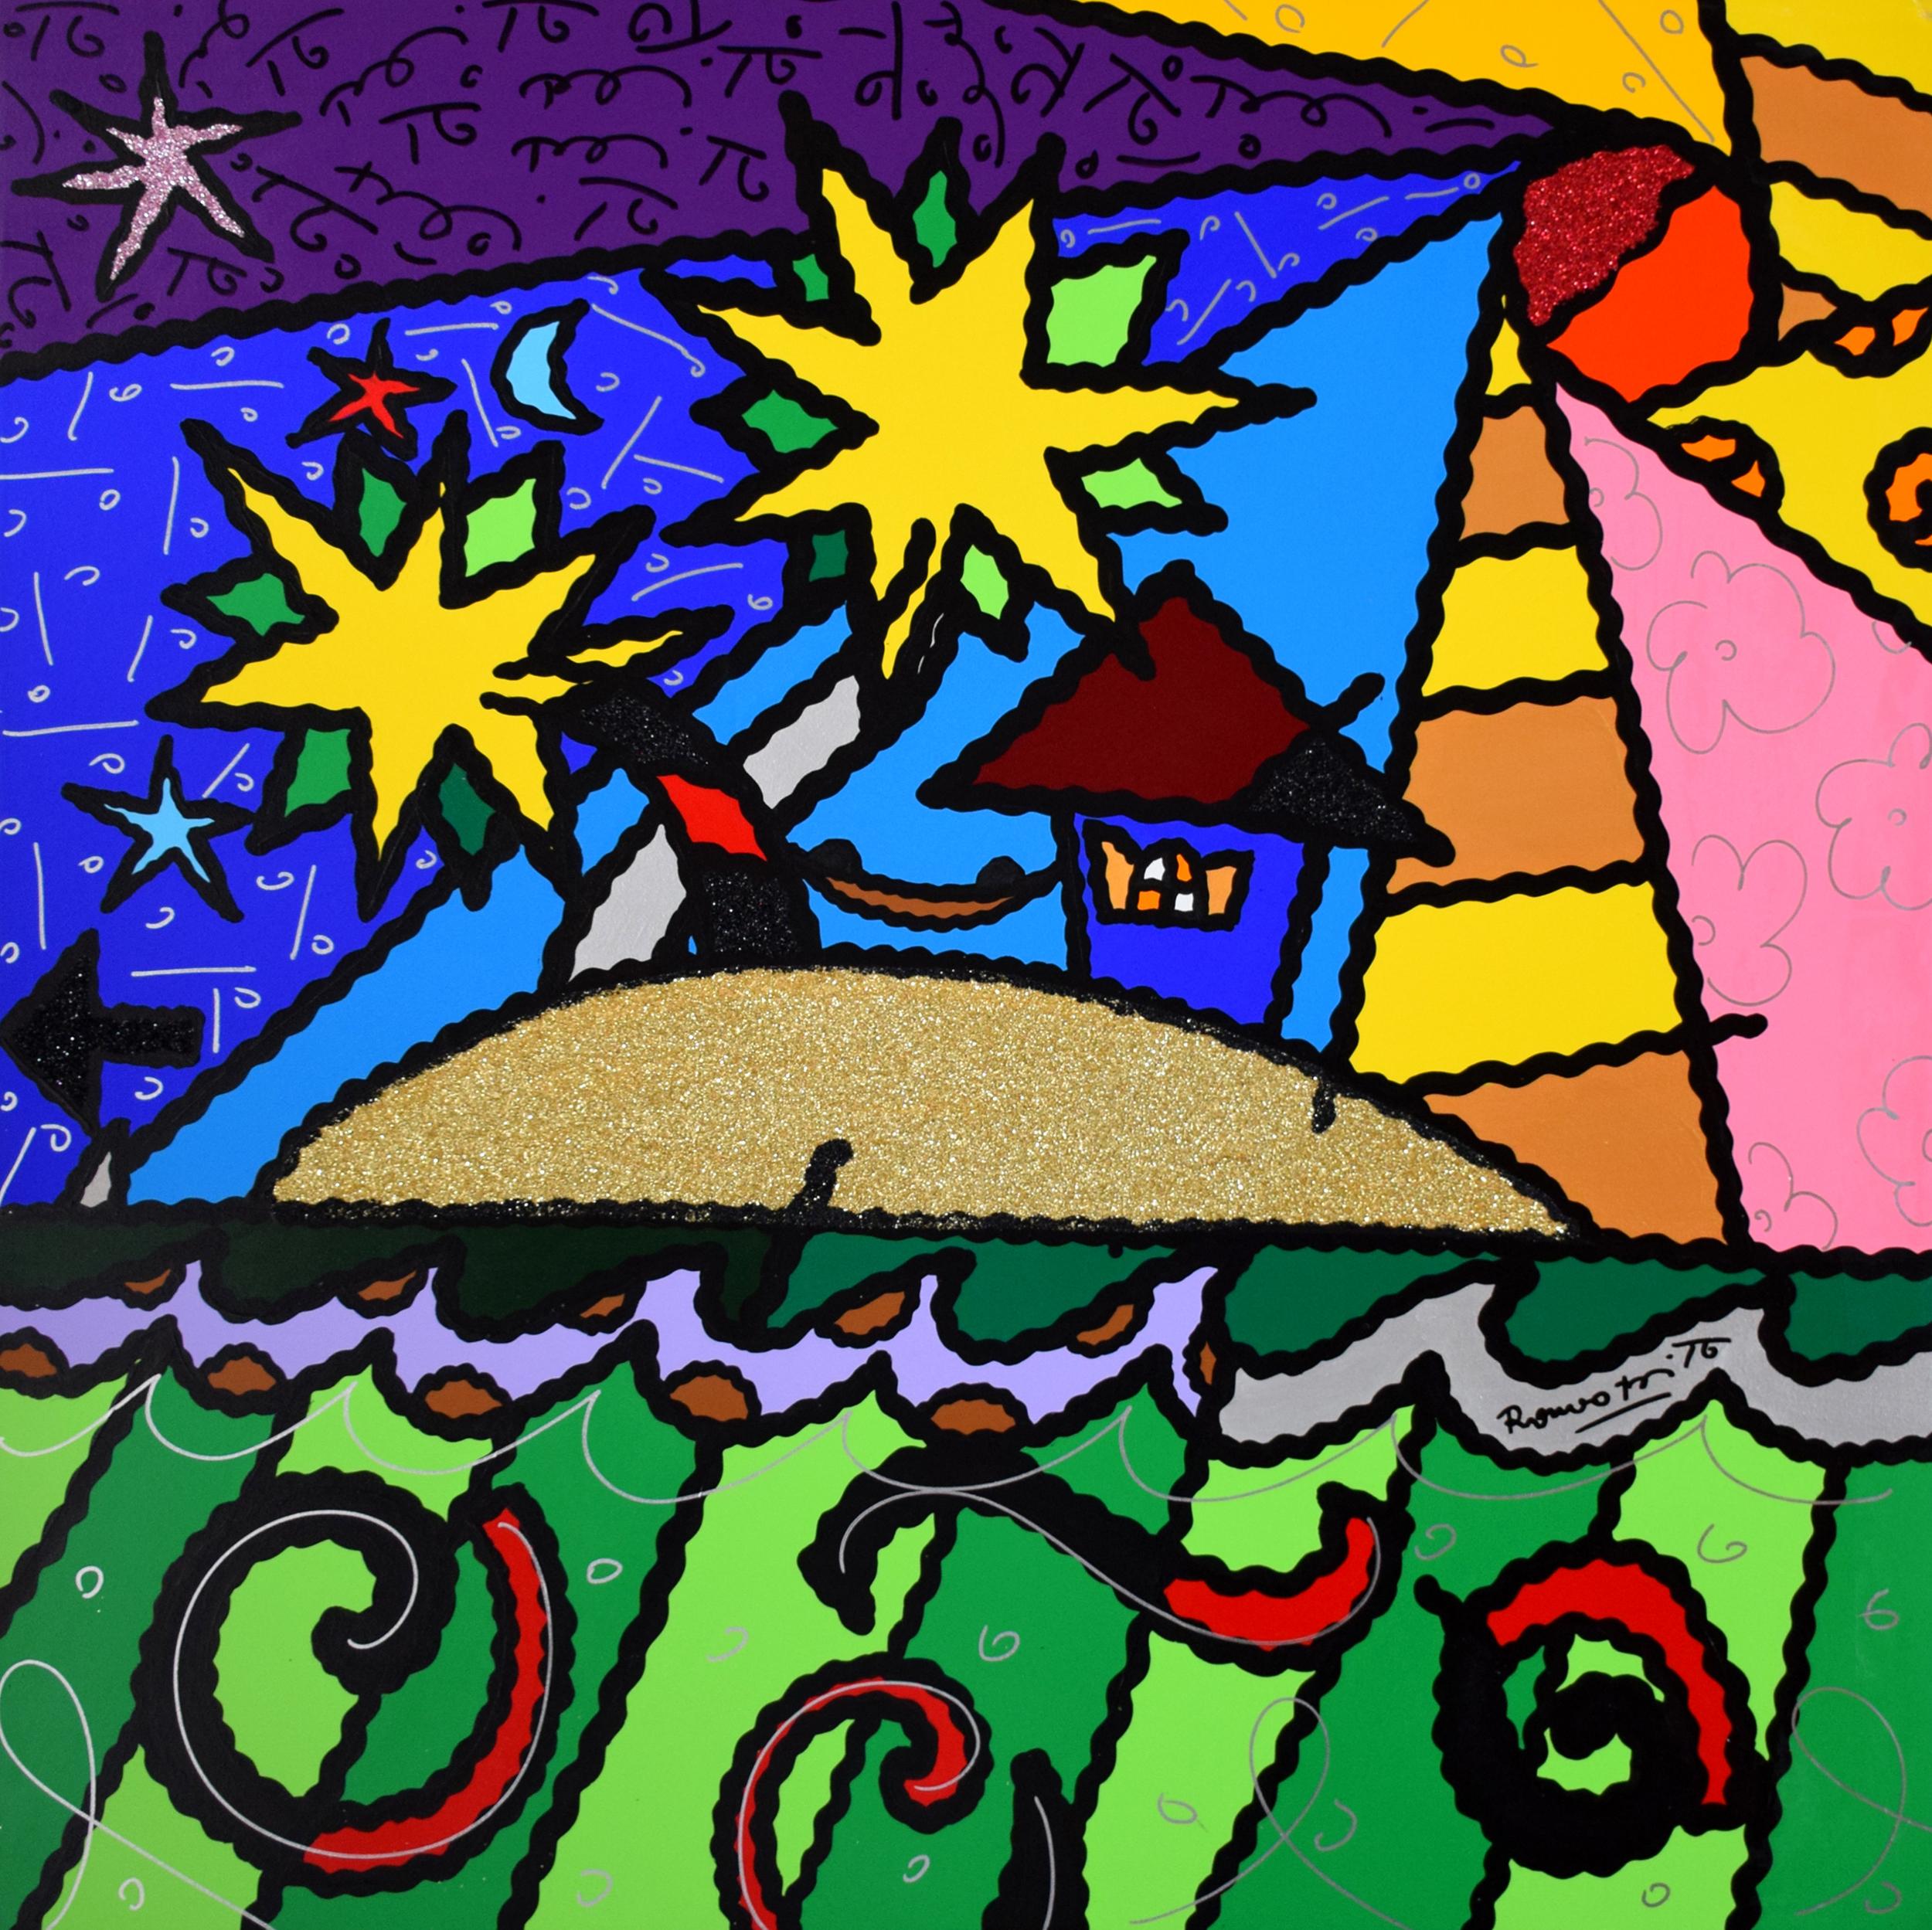 Romero Britto - Paradise , 5603-012-532